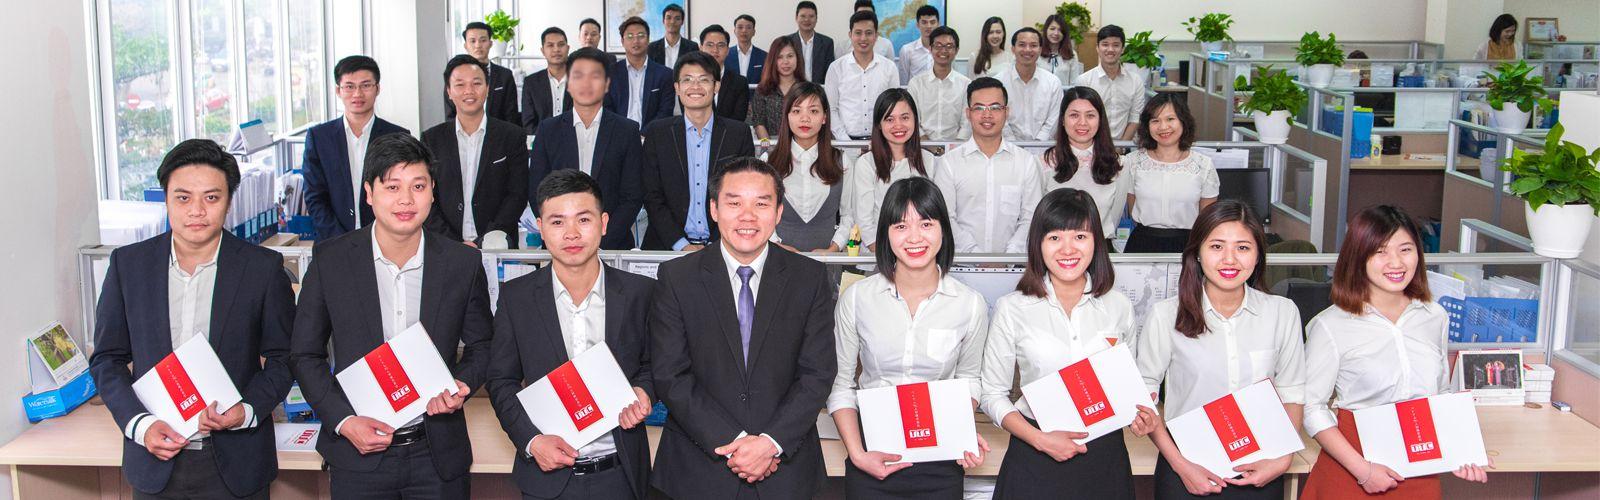 Video giới thiệu về công ty cổ phần nhân lực Âu Việt